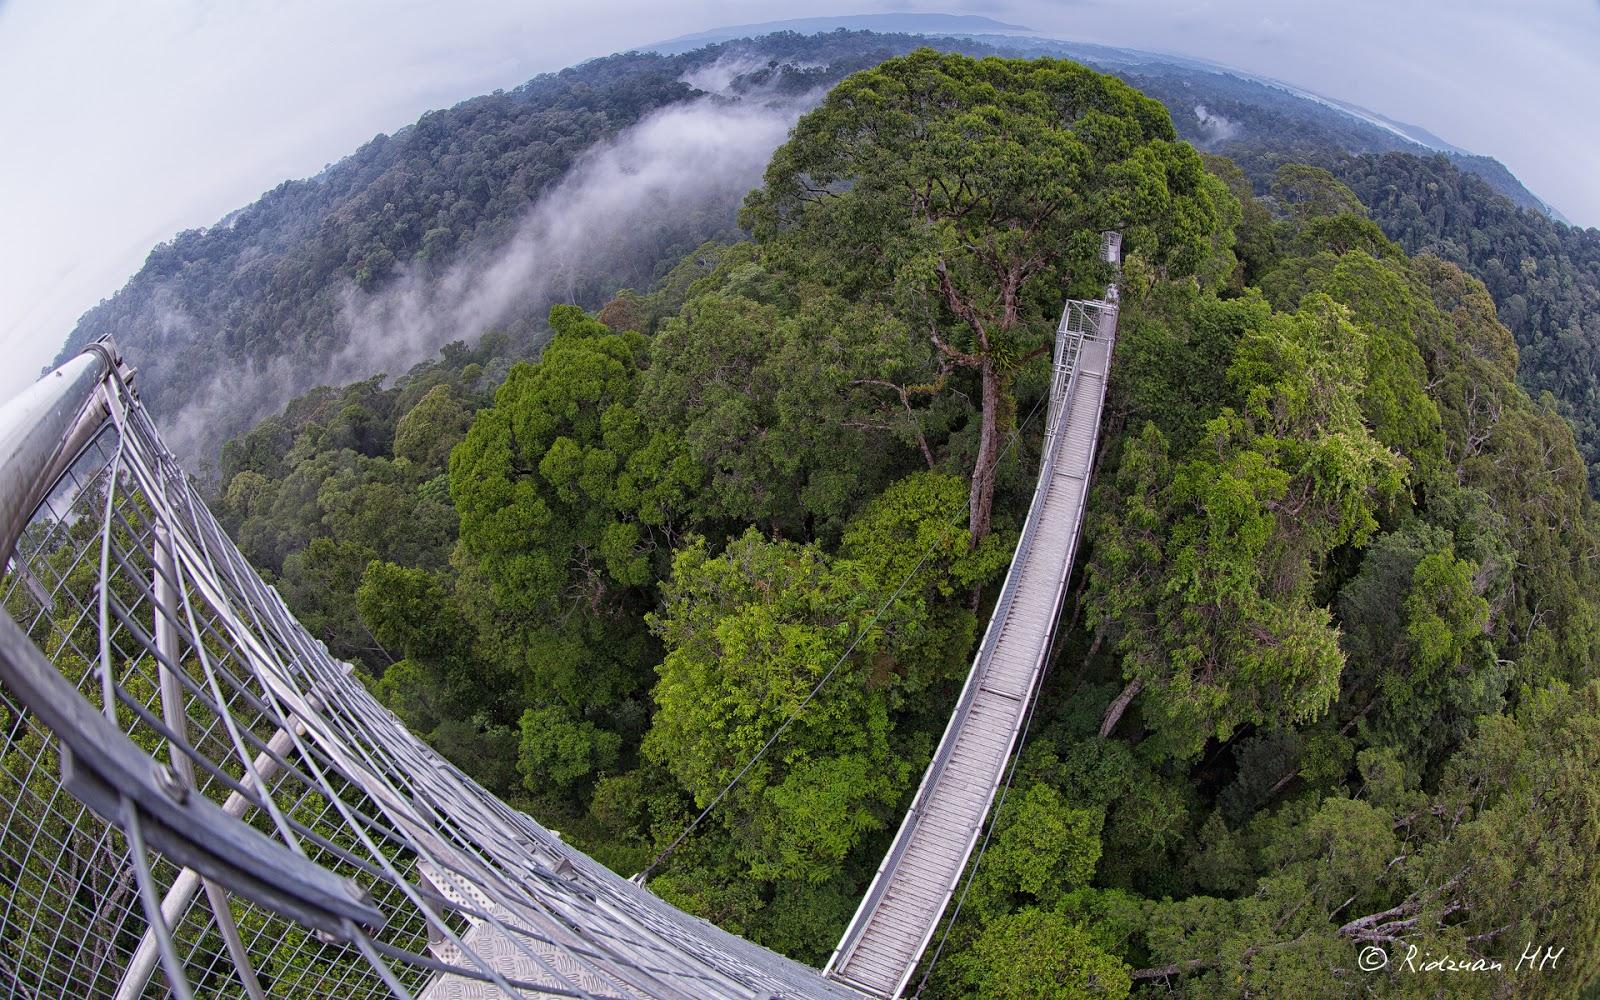 ulu temburong national park taman nasional ini terletak di antara sungai dan belalong tempat memiliki luas sekitar 50 000 hektar